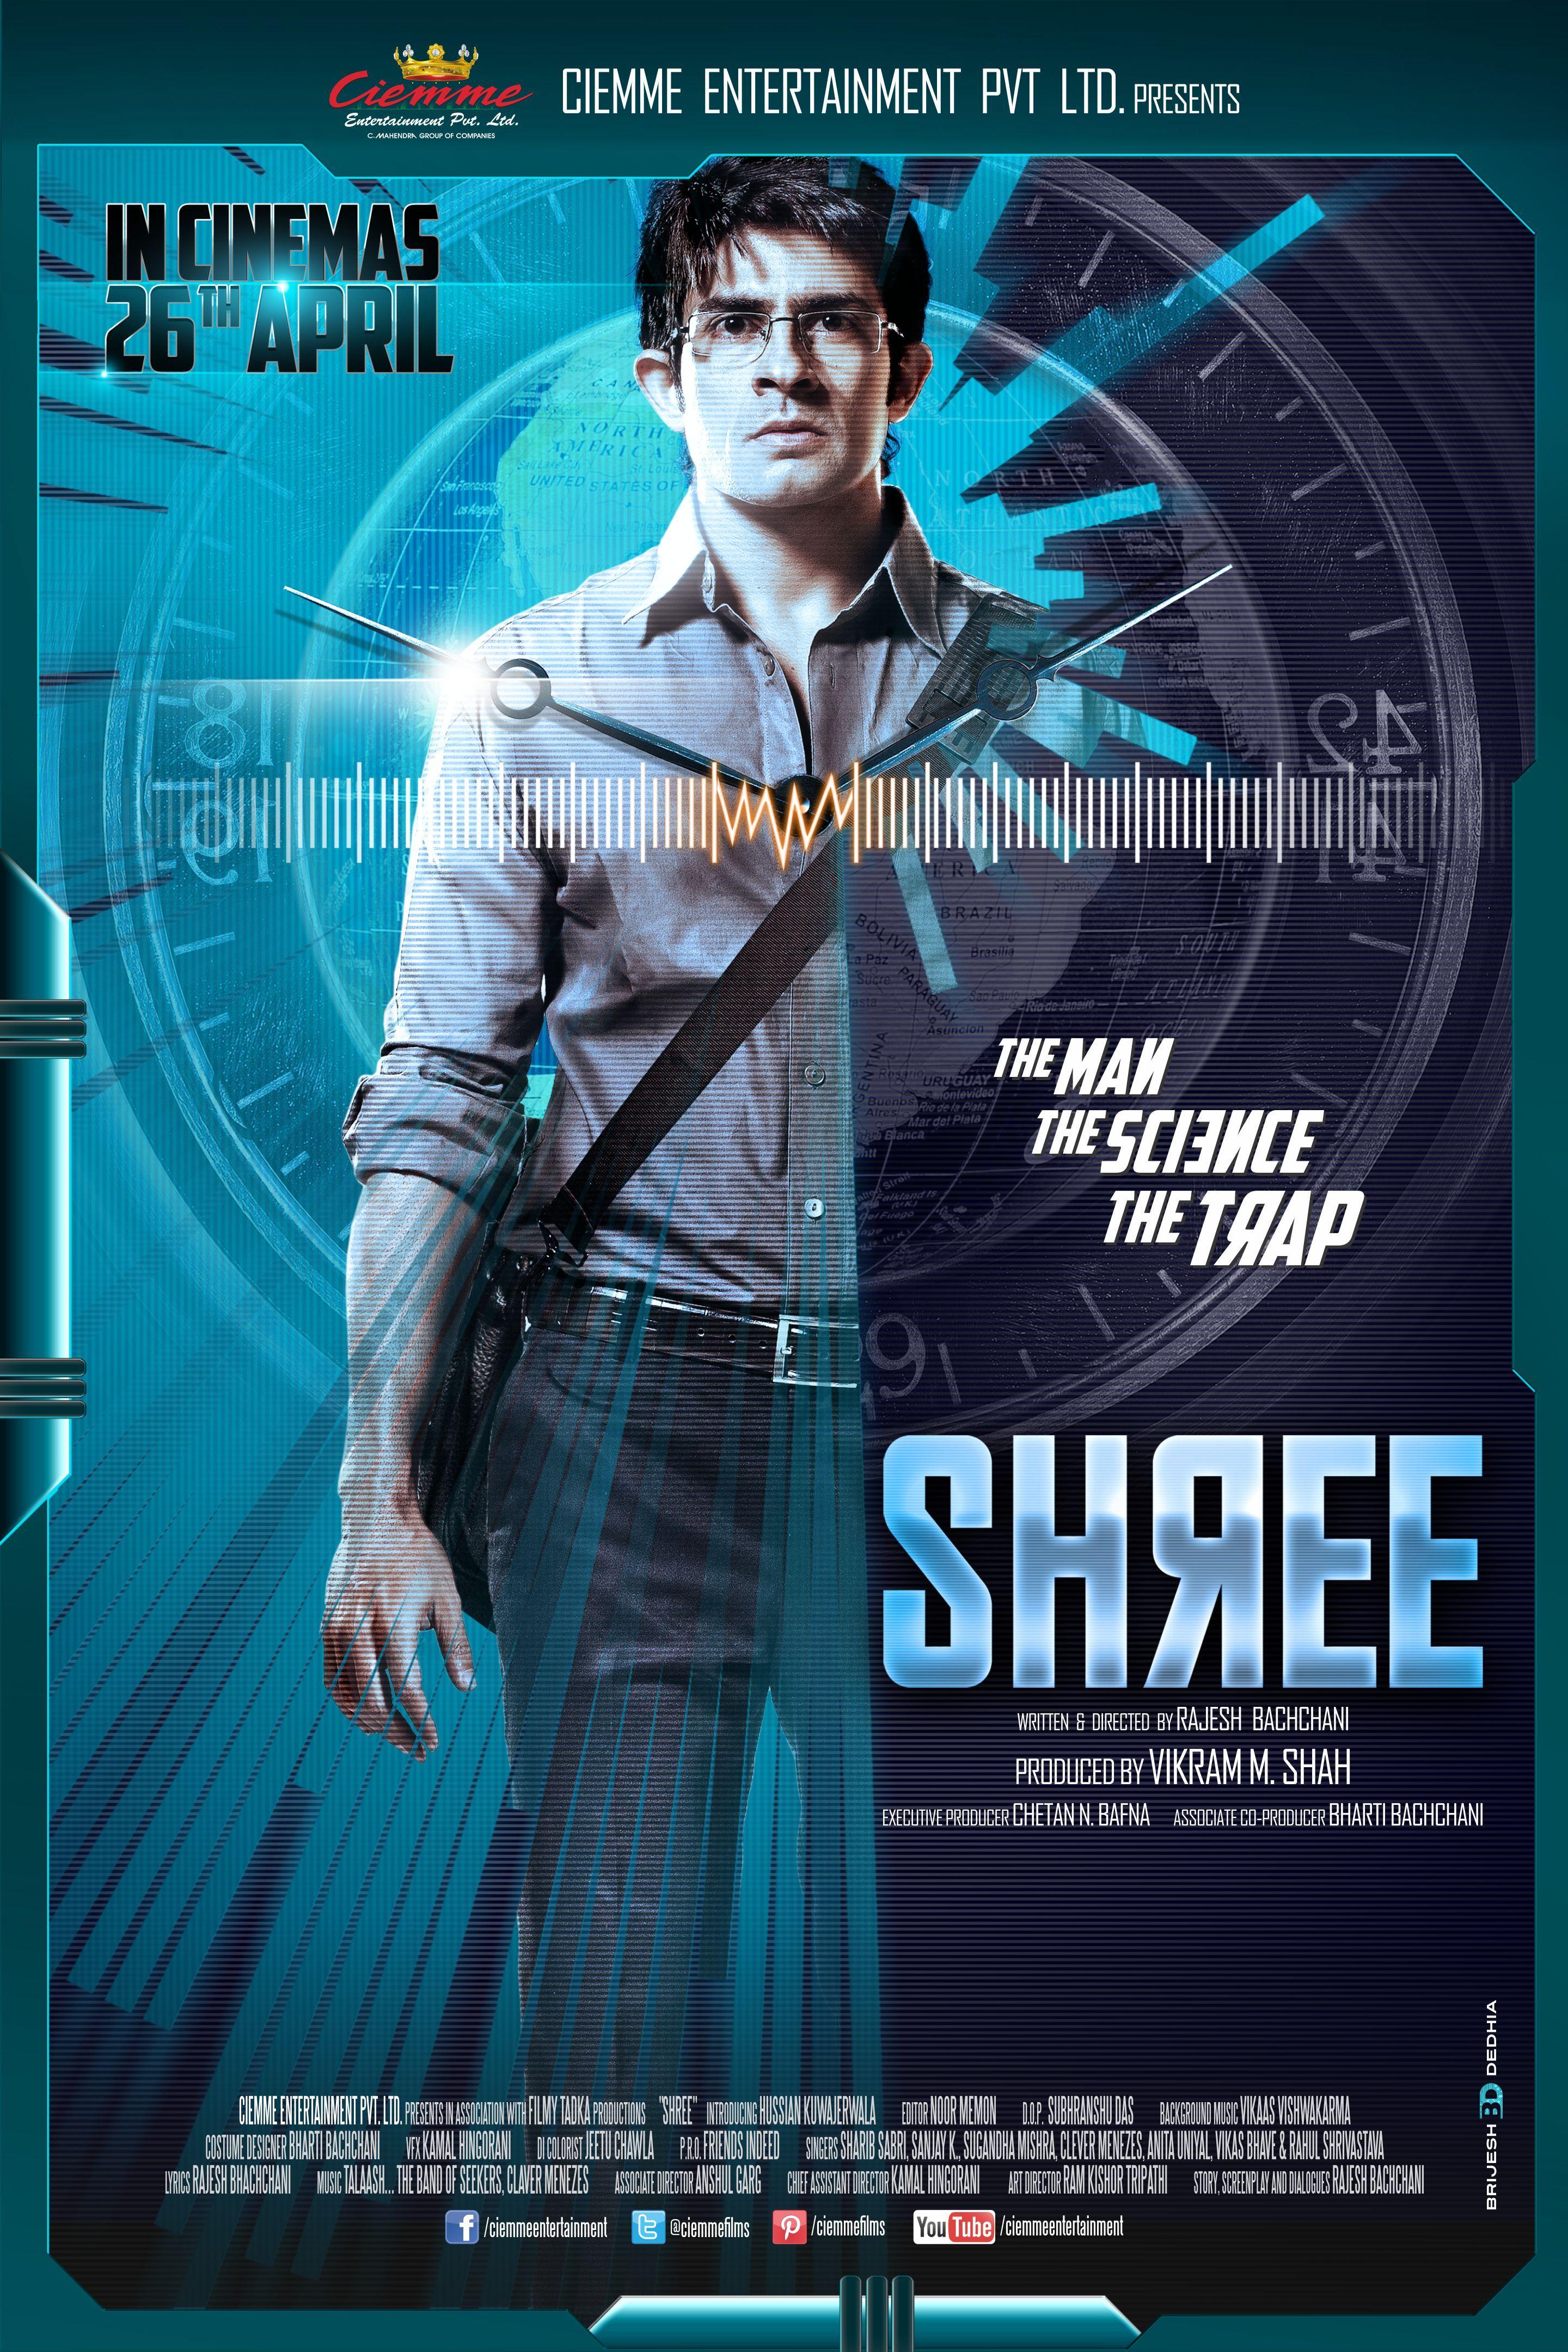 Brand New Poster of 'Shree' starring HussainKuwajerwala